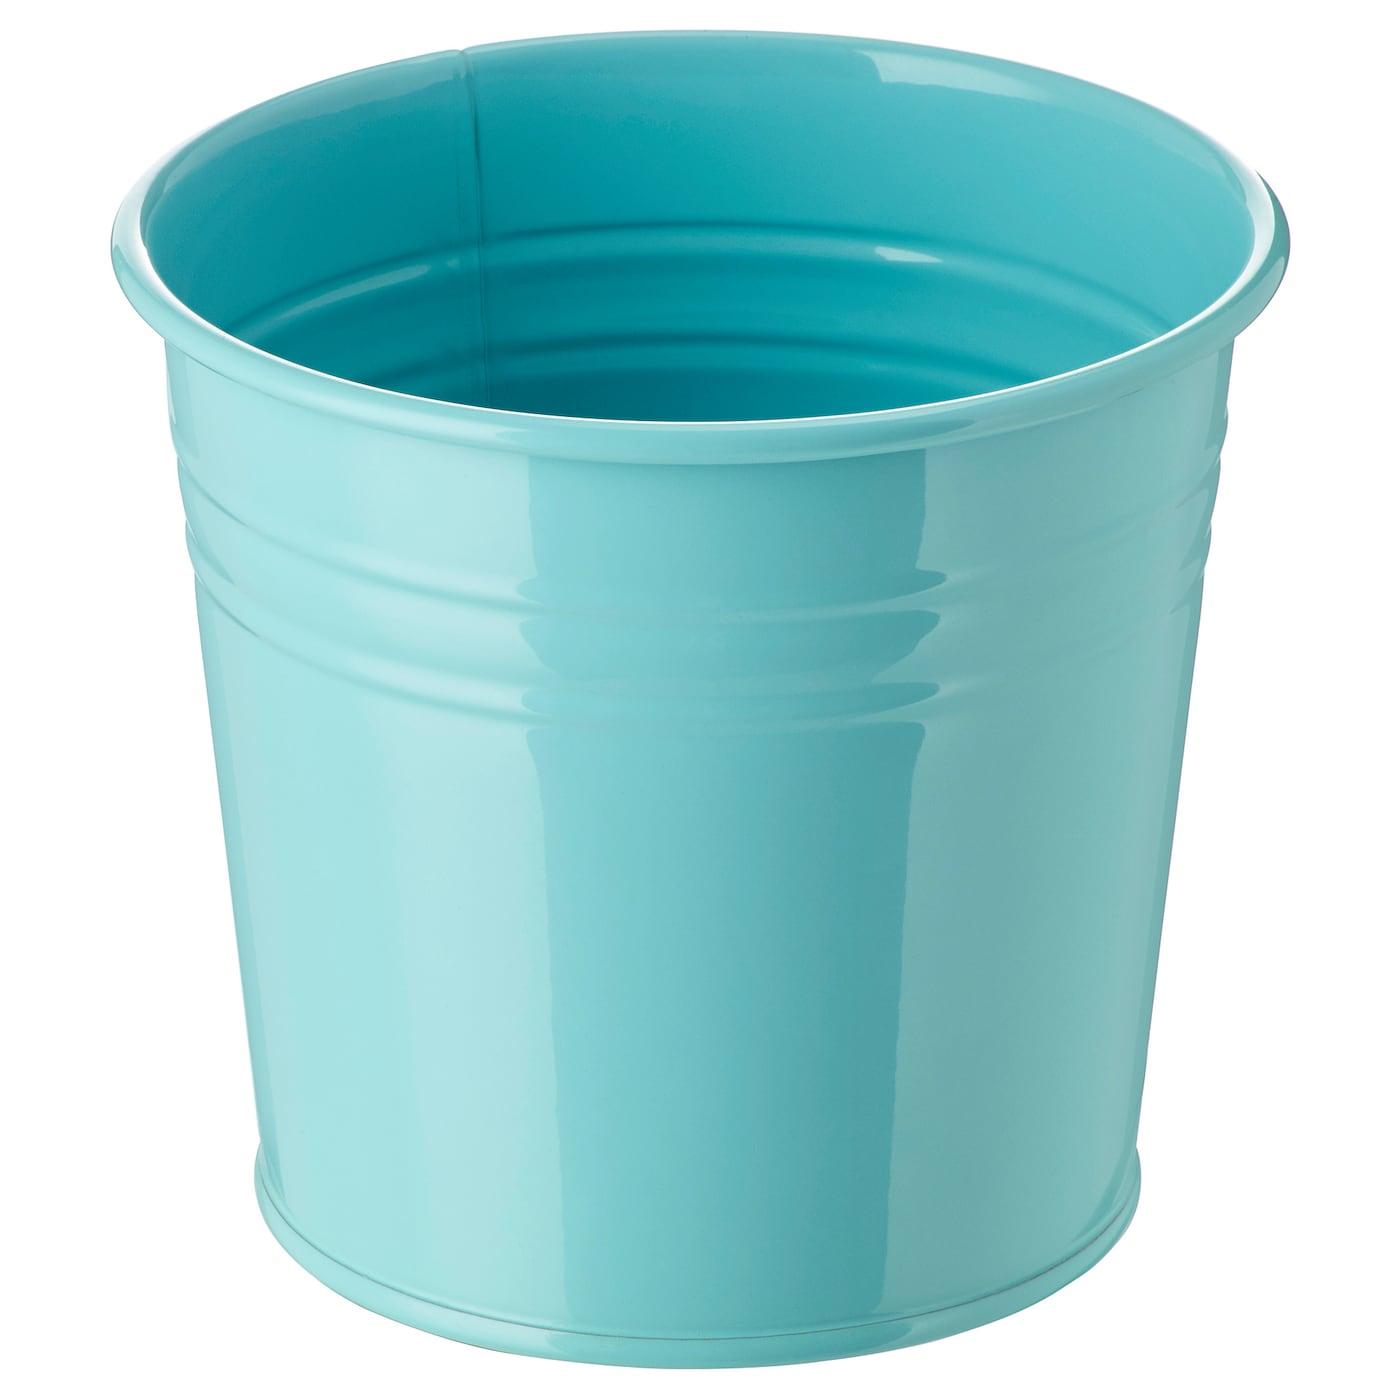 socker cache pot int rieur ext rieur turquoise 9 cm ikea. Black Bedroom Furniture Sets. Home Design Ideas